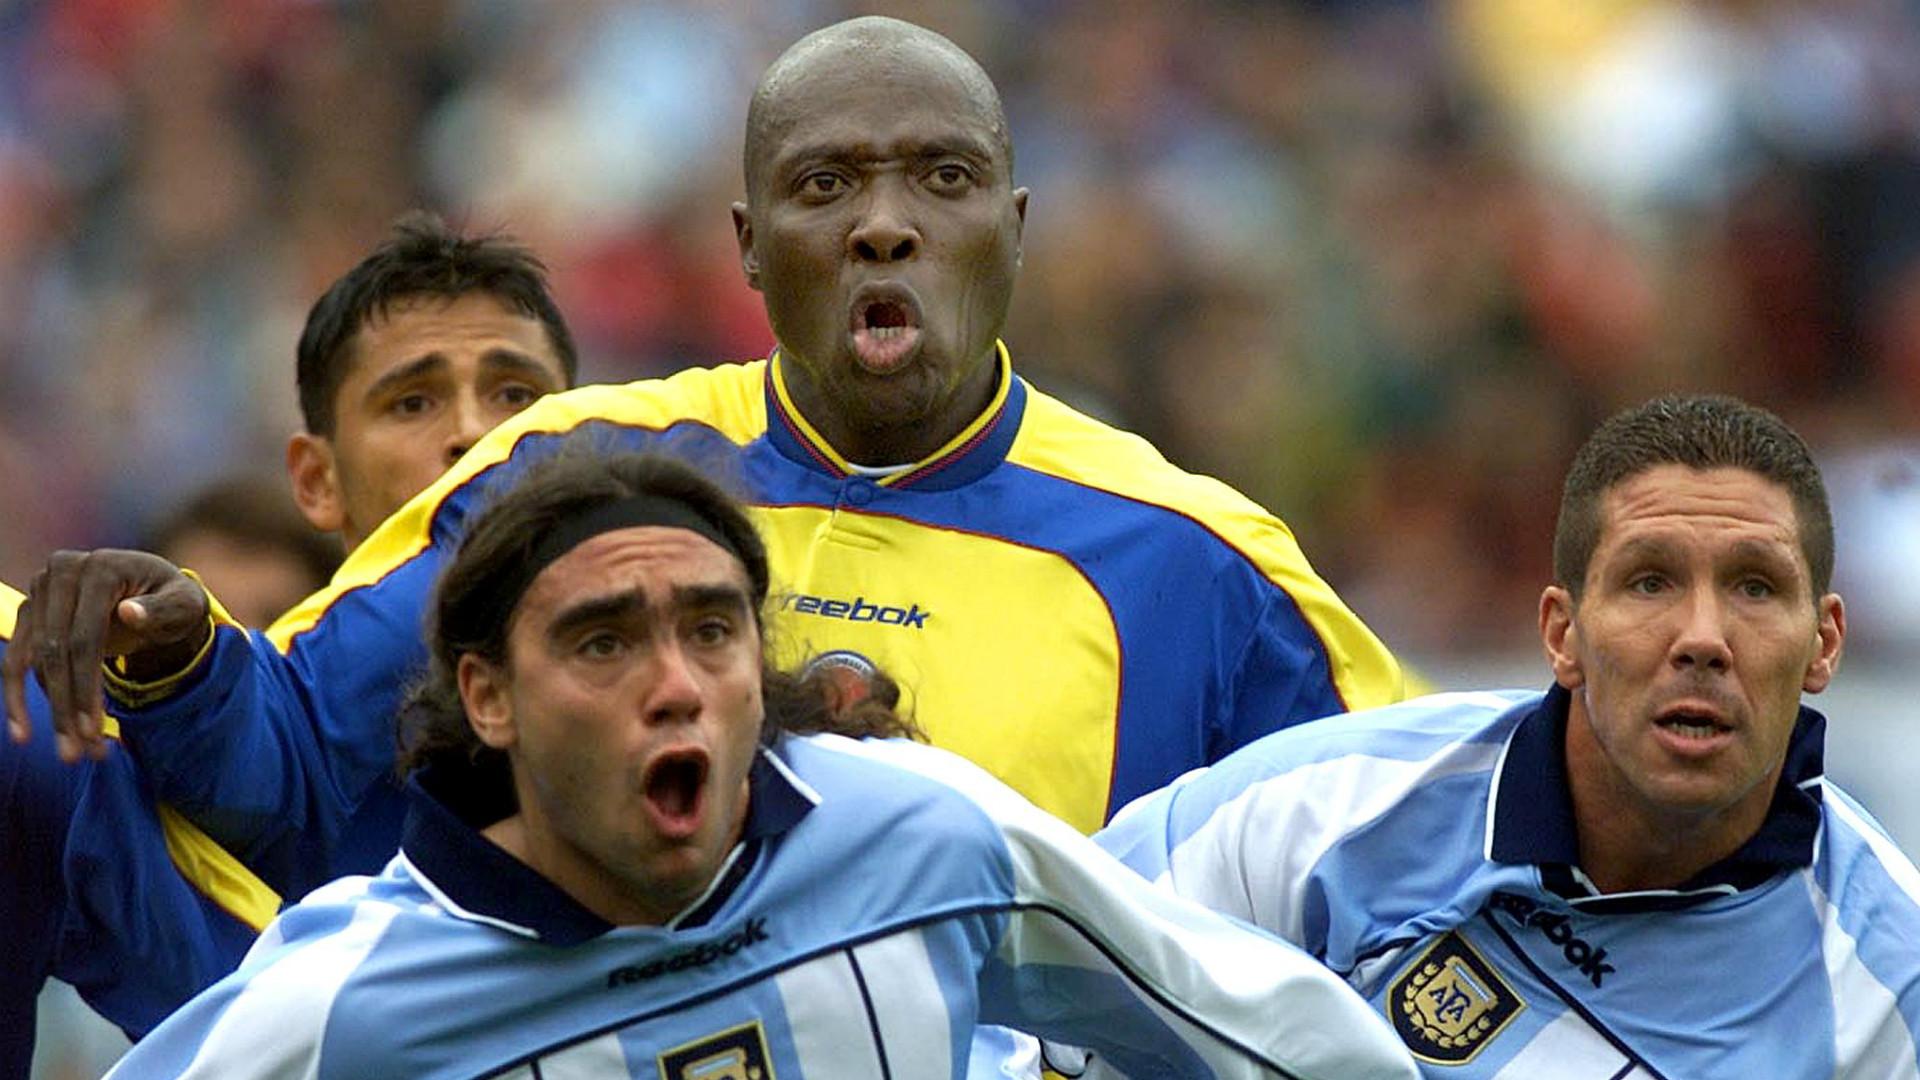 Sorín - Simeone - Argentina 3-0 Colombia. Eliminatorias Sudamericanas 2002 - 03062001.